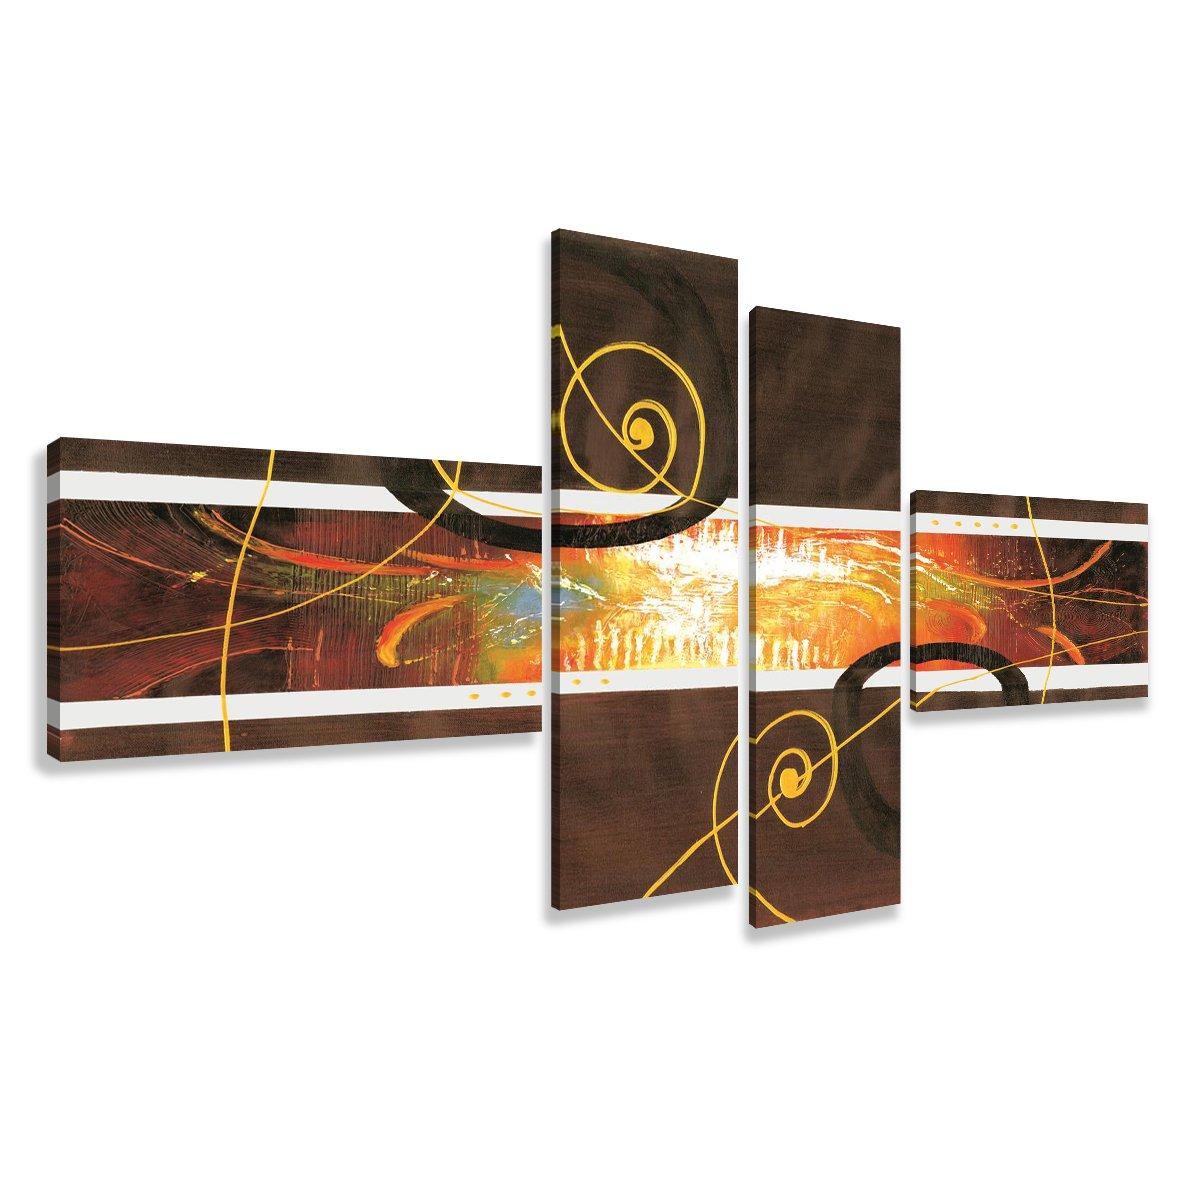 Cuadros en Lienzo abstracto 195 x 80 cm modelo Nr. 6801 XXL Las imágenes estan listas, enmarcadas en marcos de Madera auténtica. El diseño de la impresión artística como un Mural enmarcado. - Electrónica - Comentarios de clientes y más información